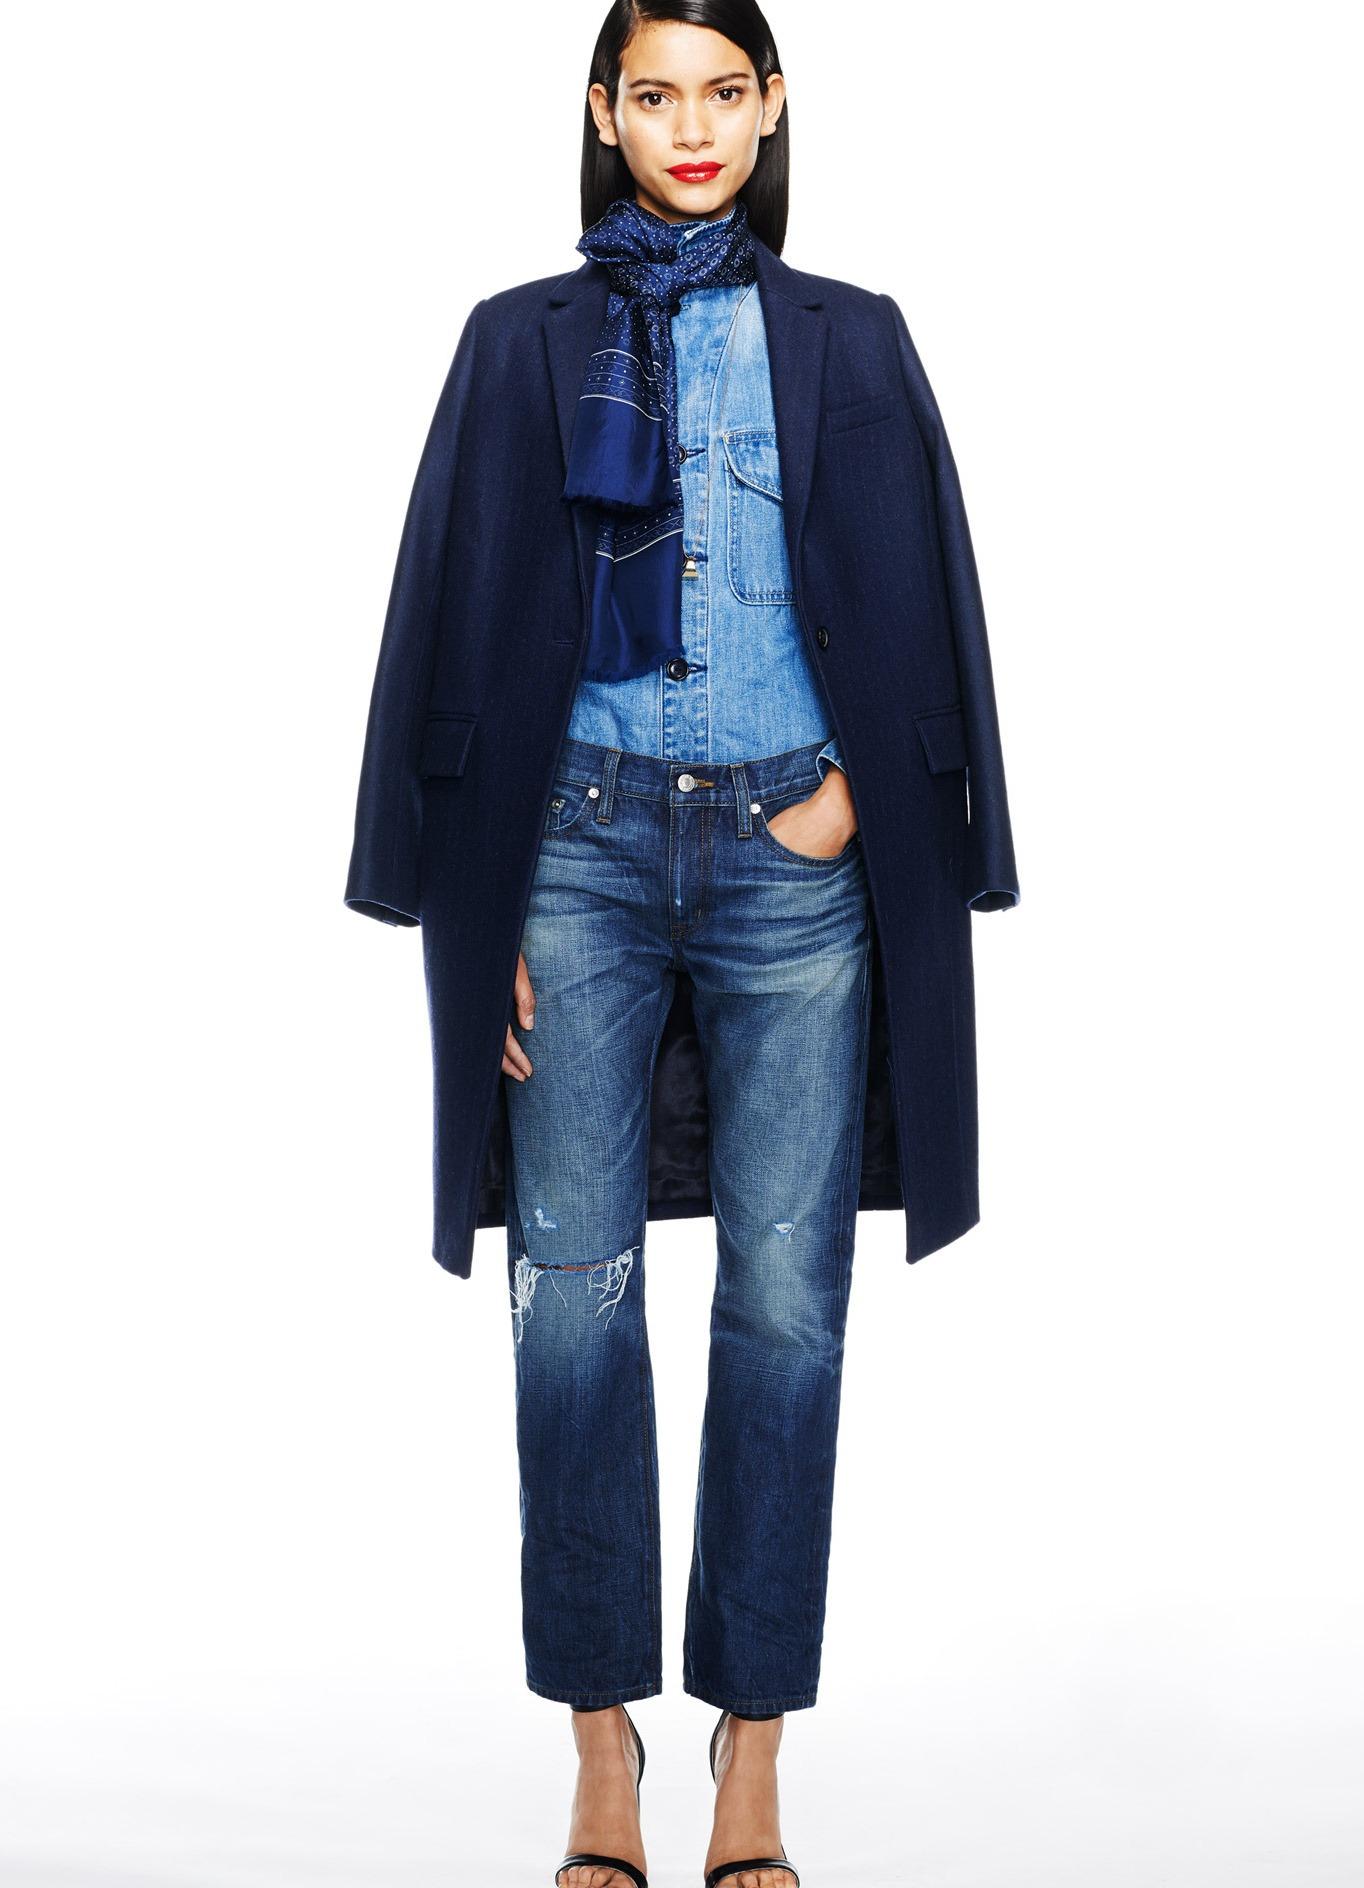 самая модная модель джинсов сезона 2015